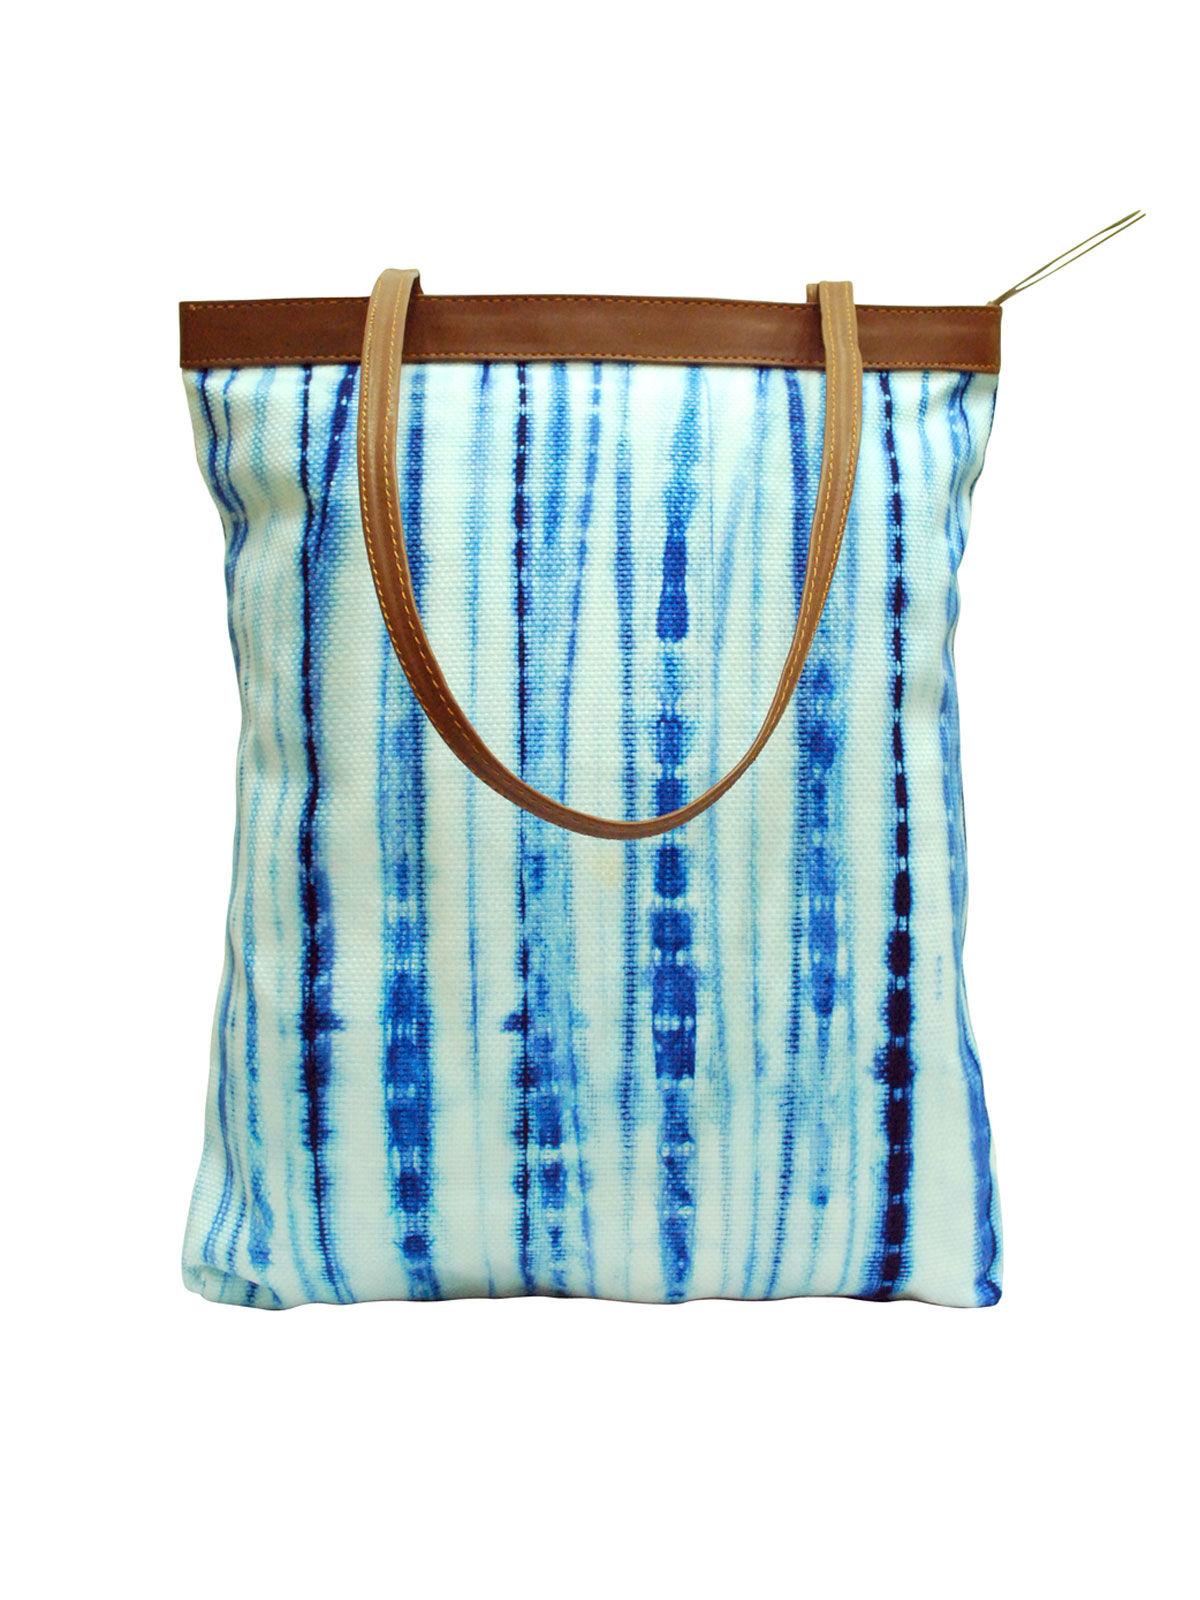 Shibori Tote With Embroidery